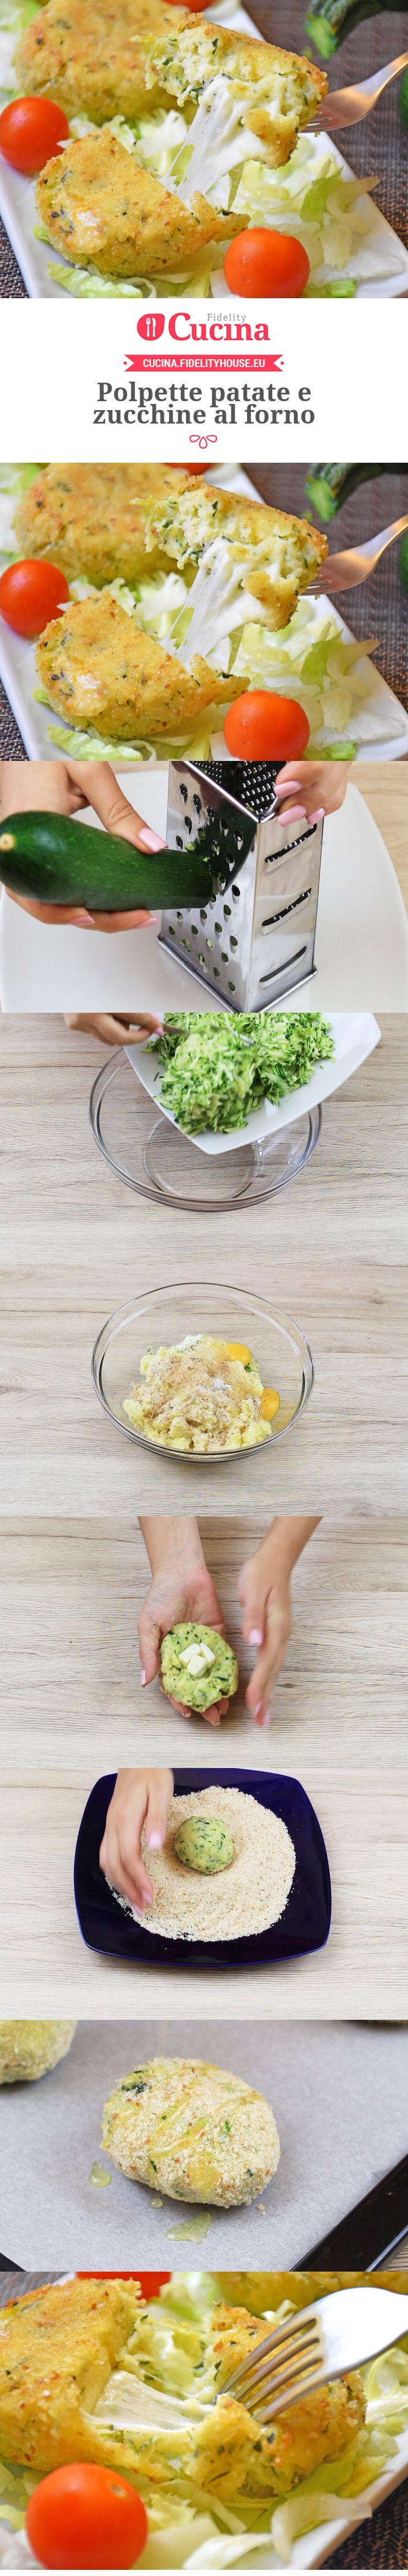 Polpette patate e zucchine al forno